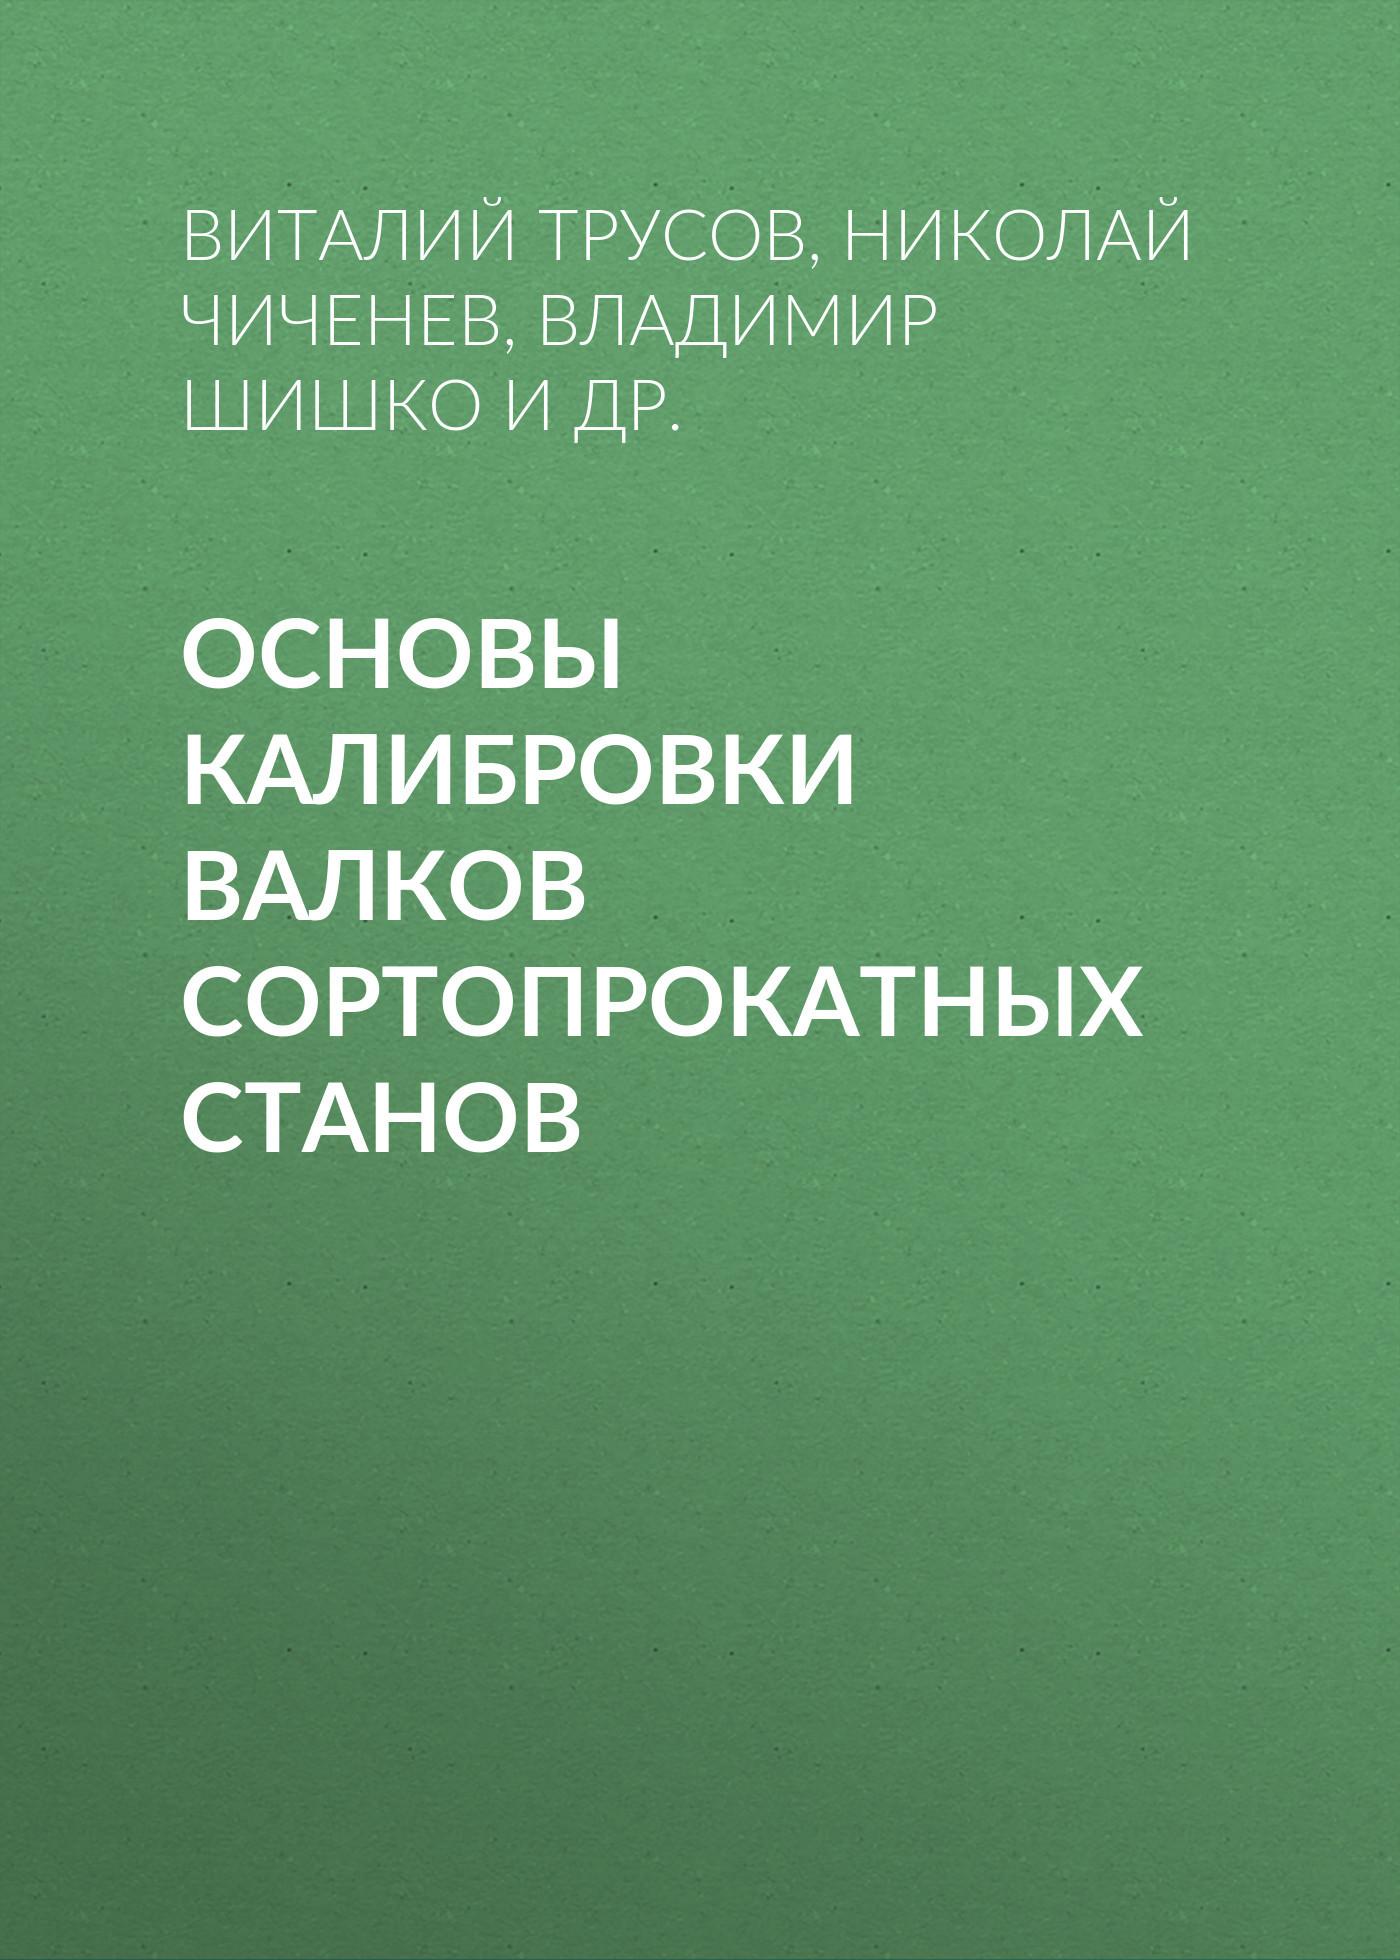 Николай Чиченев бесплатно